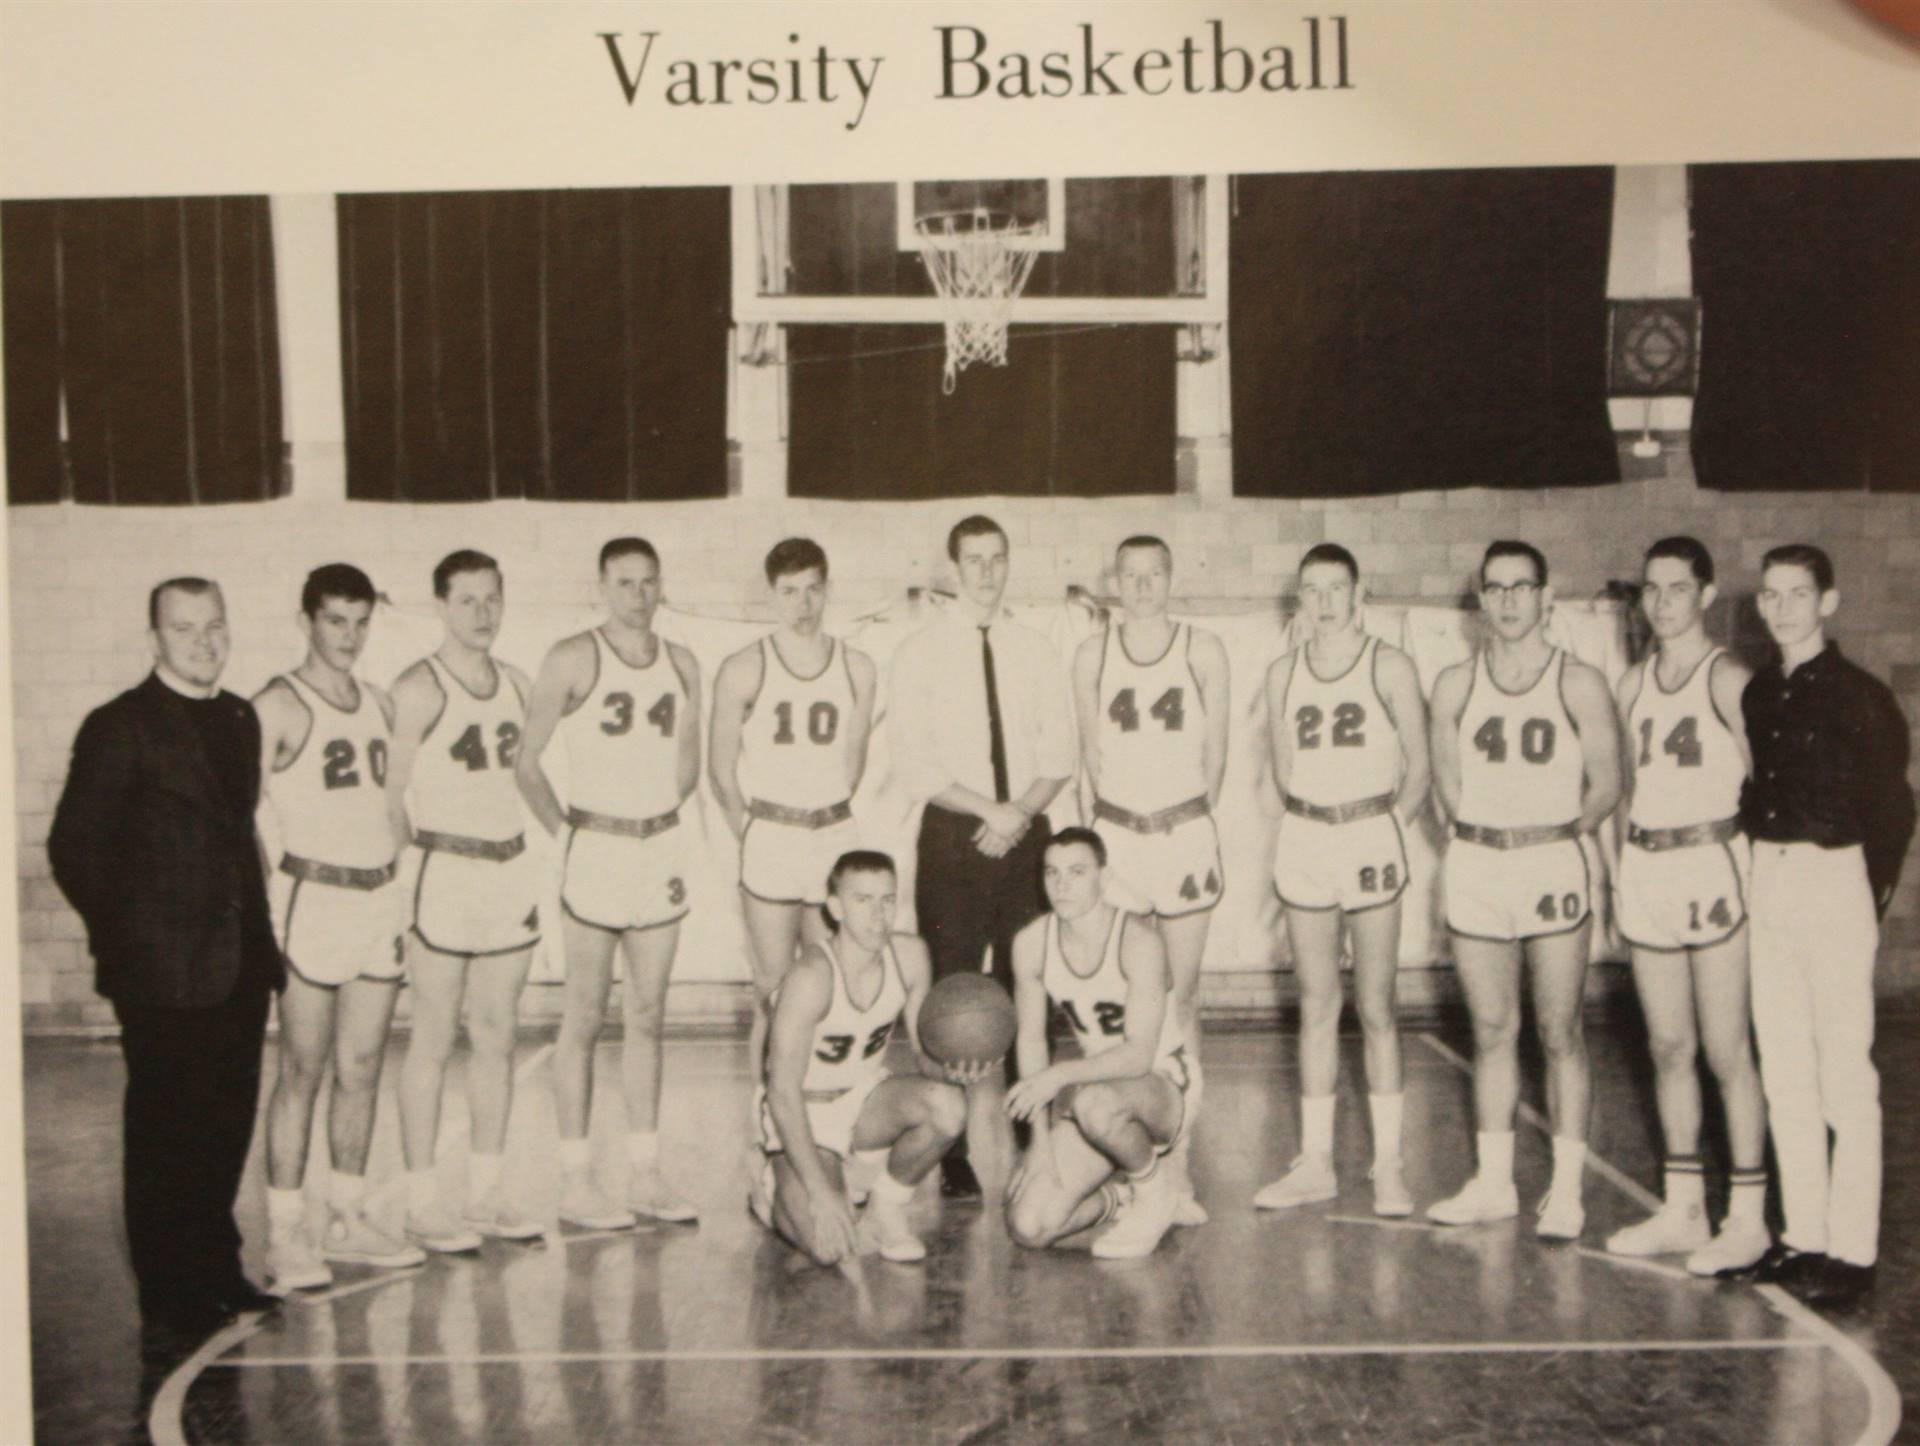 1965 varsity basketball